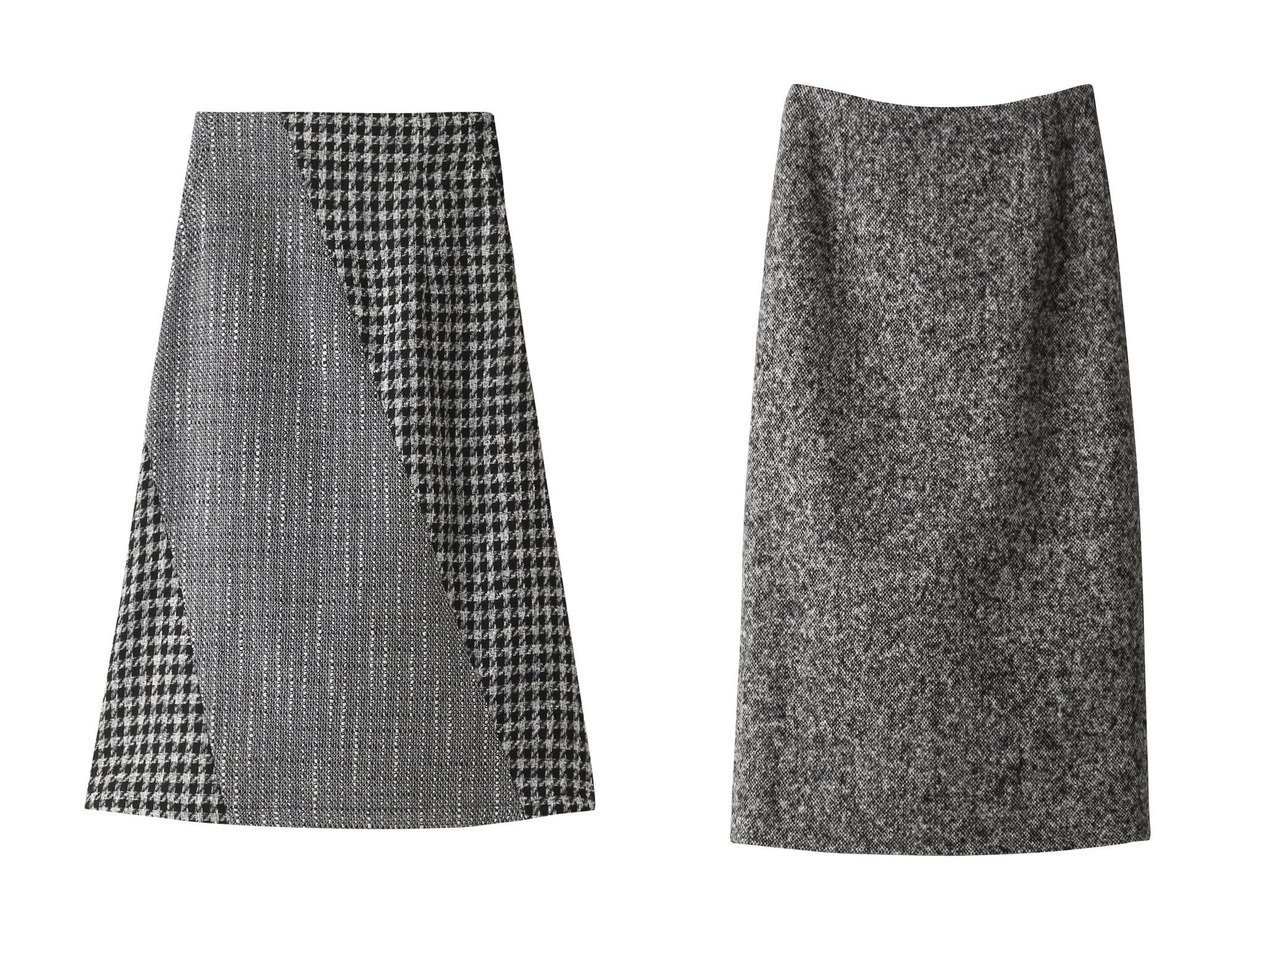 【BLAMINK/ブラミンク】のウールホームスパンタイトスカート&【Ezick/エジック】のツイードキリカエフレアスカート スカートのおすすめ!人気、レディースファッションの通販 おすすめで人気のファッション通販商品 インテリア・家具・キッズファッション・メンズファッション・レディースファッション・服の通販 founy(ファニー) https://founy.com/ ファッション Fashion レディース WOMEN スカート Skirt Aライン/フレアスカート Flared A-Line Skirts ロングスカート Long Skirt シンプル ツイード ビスチェ フレア ロング 秋冬 A/W Autumn/ Winter ジャケット セットアップ |ID:crp329100000001183